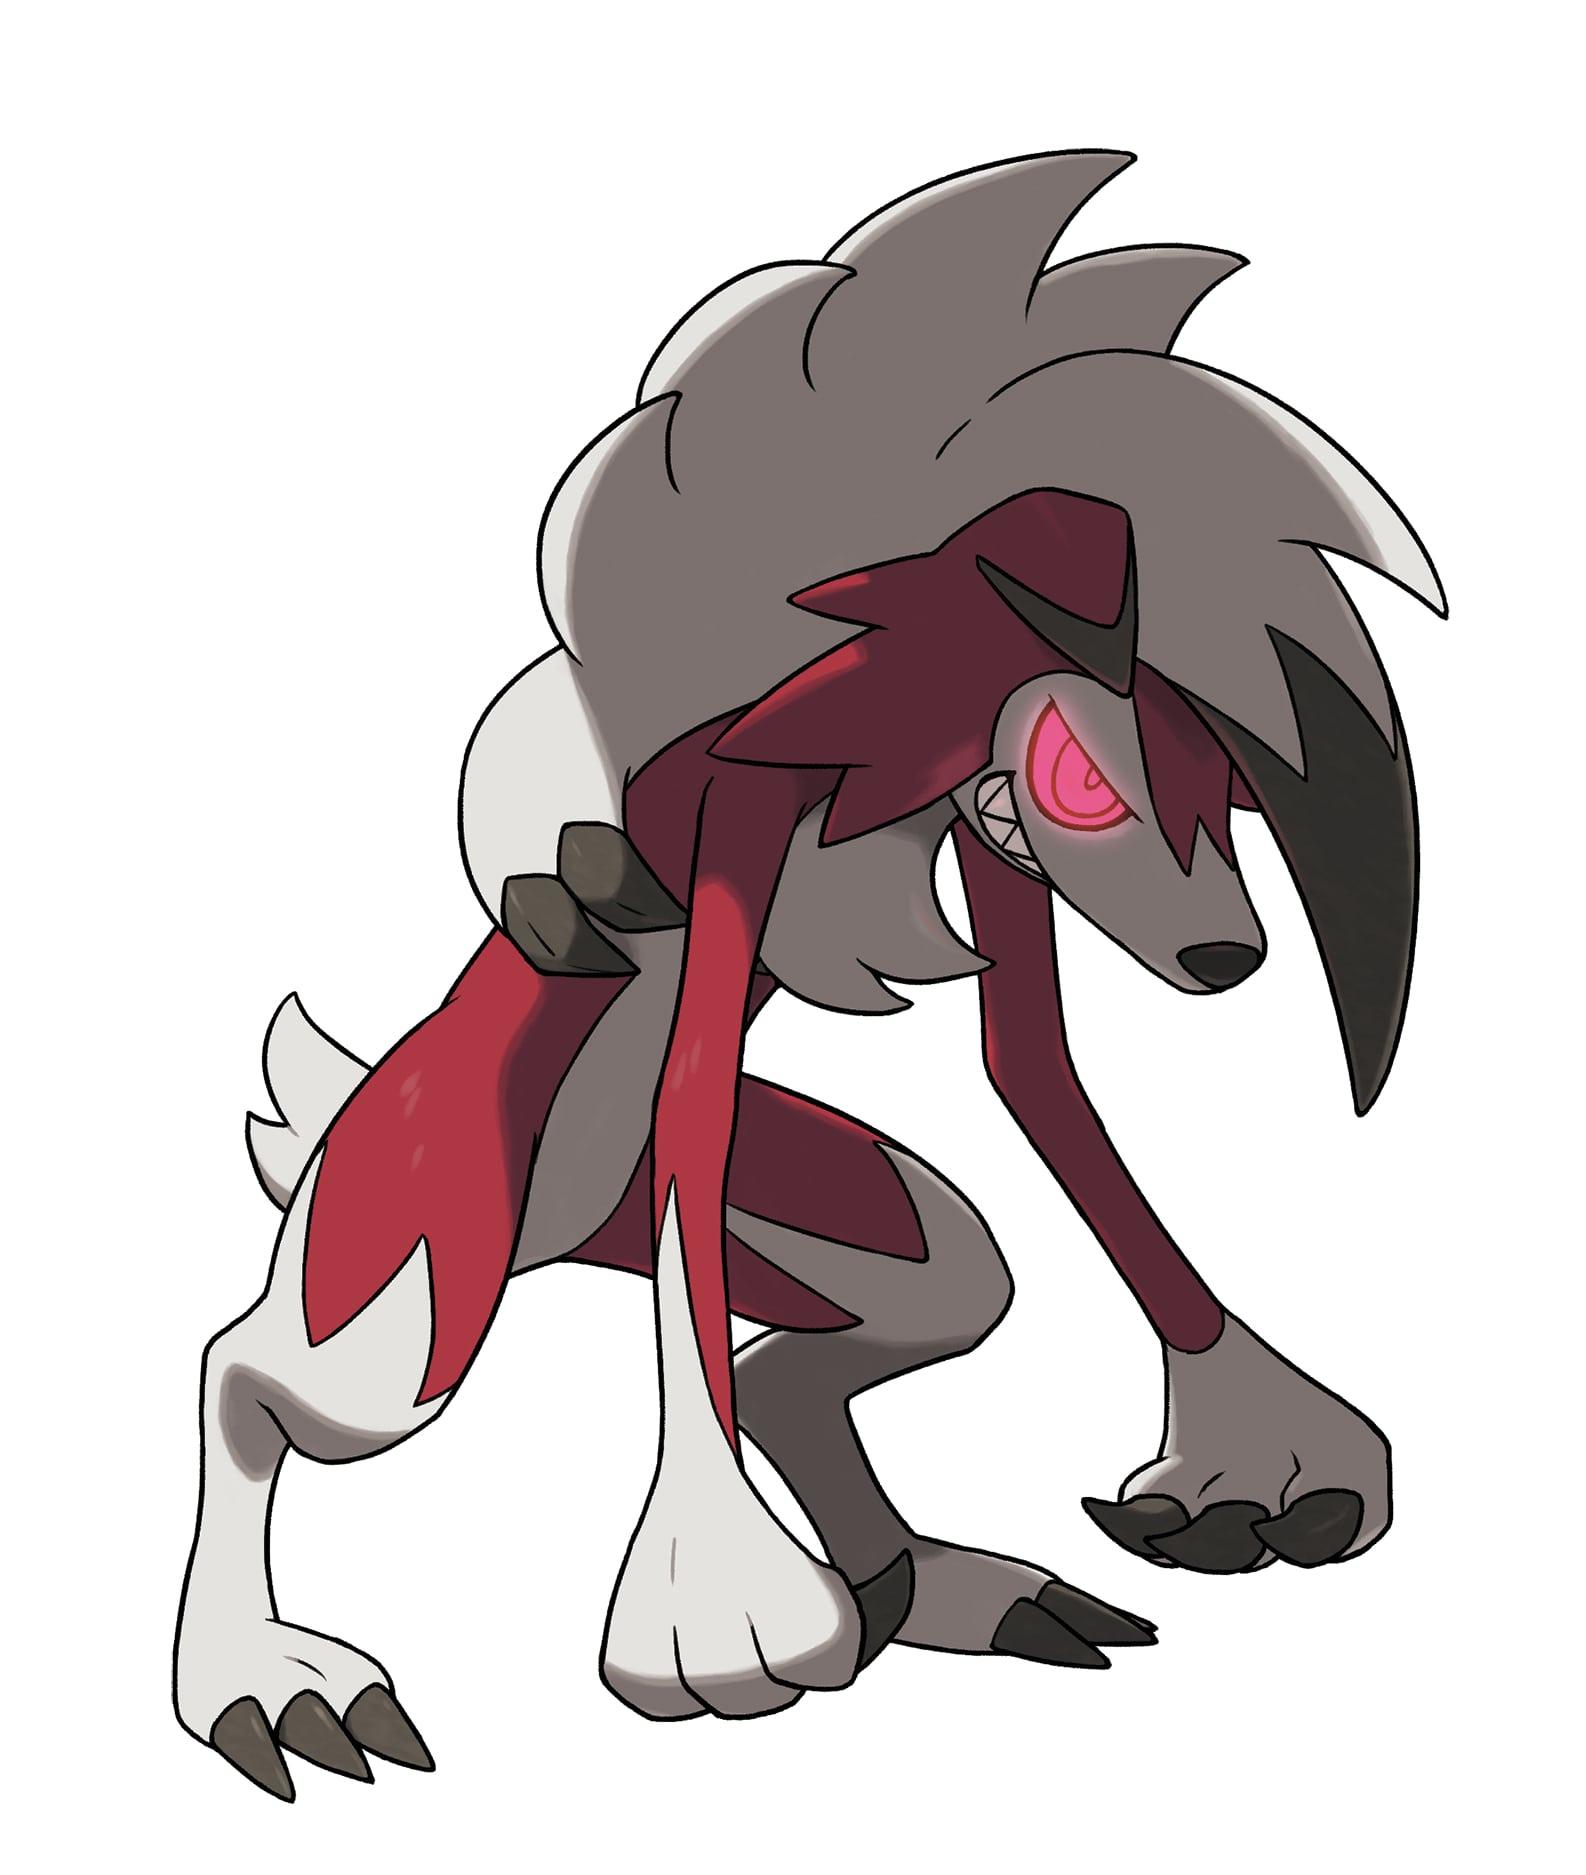 Noví Pokémoni z Pokémon Sun a Moon, informace o Z-moves a mnoho dalšího 131042